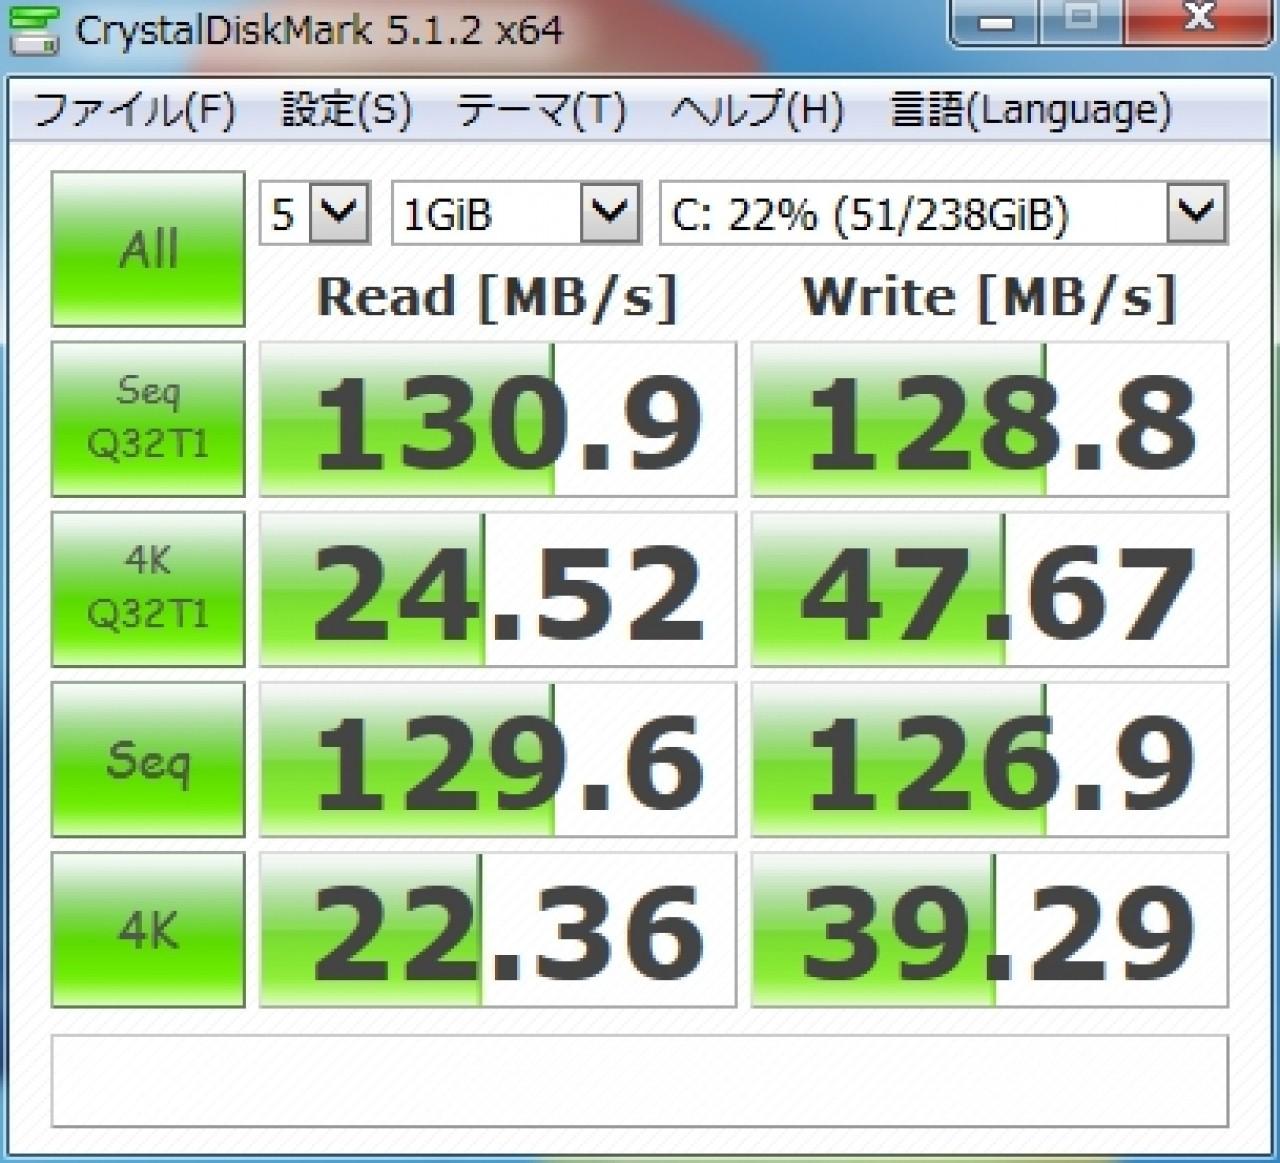 CrystalDiskMark 5